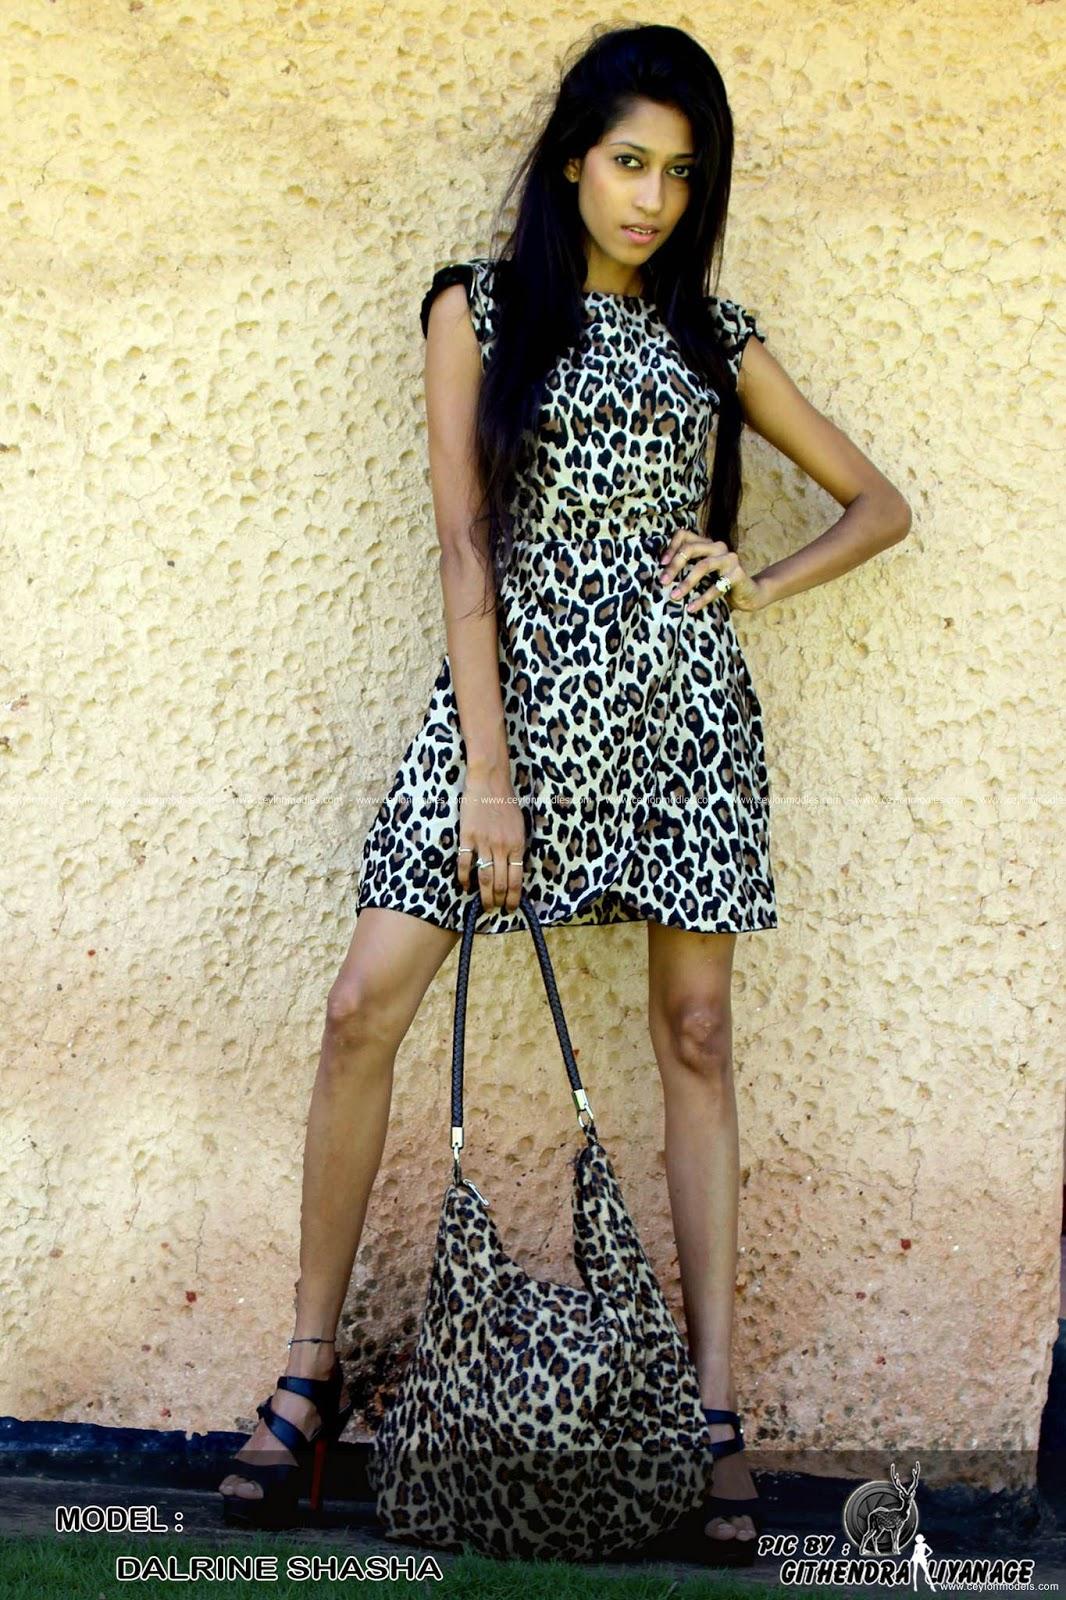 Dalrine Shasha 4